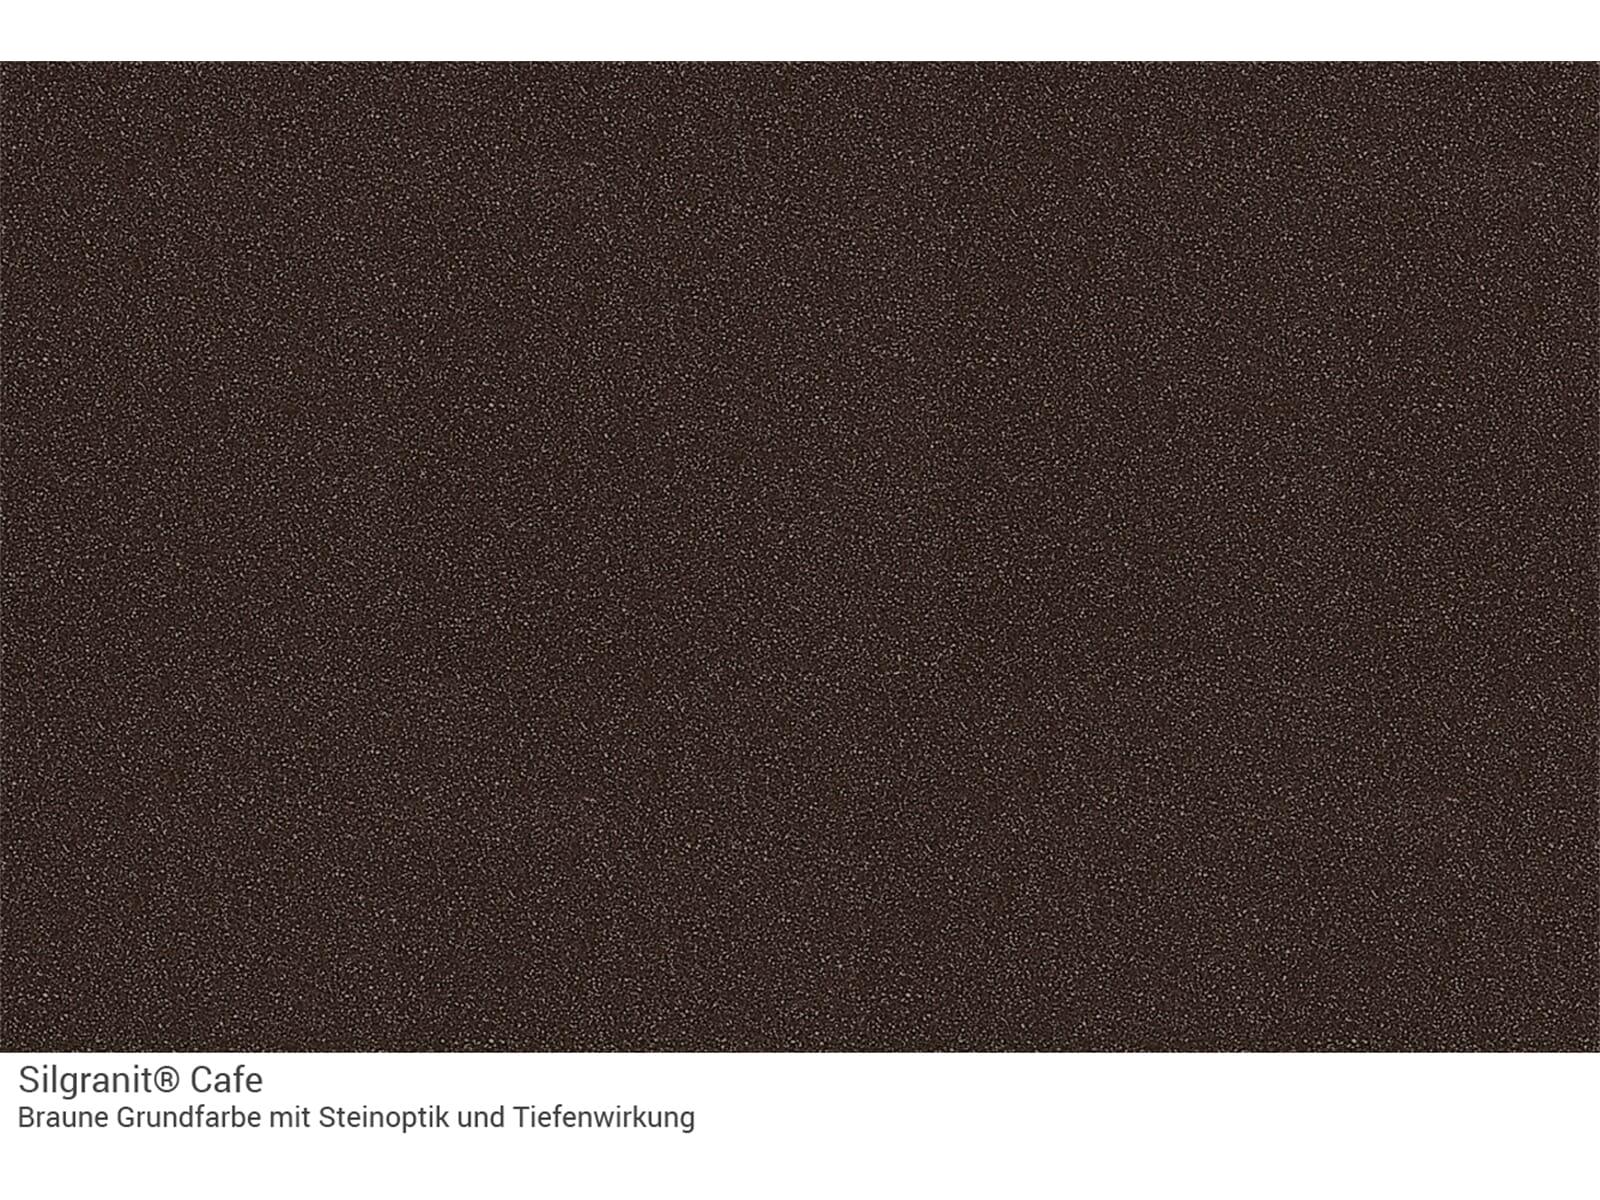 Blanco Merkur-S Cafe Hochdruck Armatur Bild:1